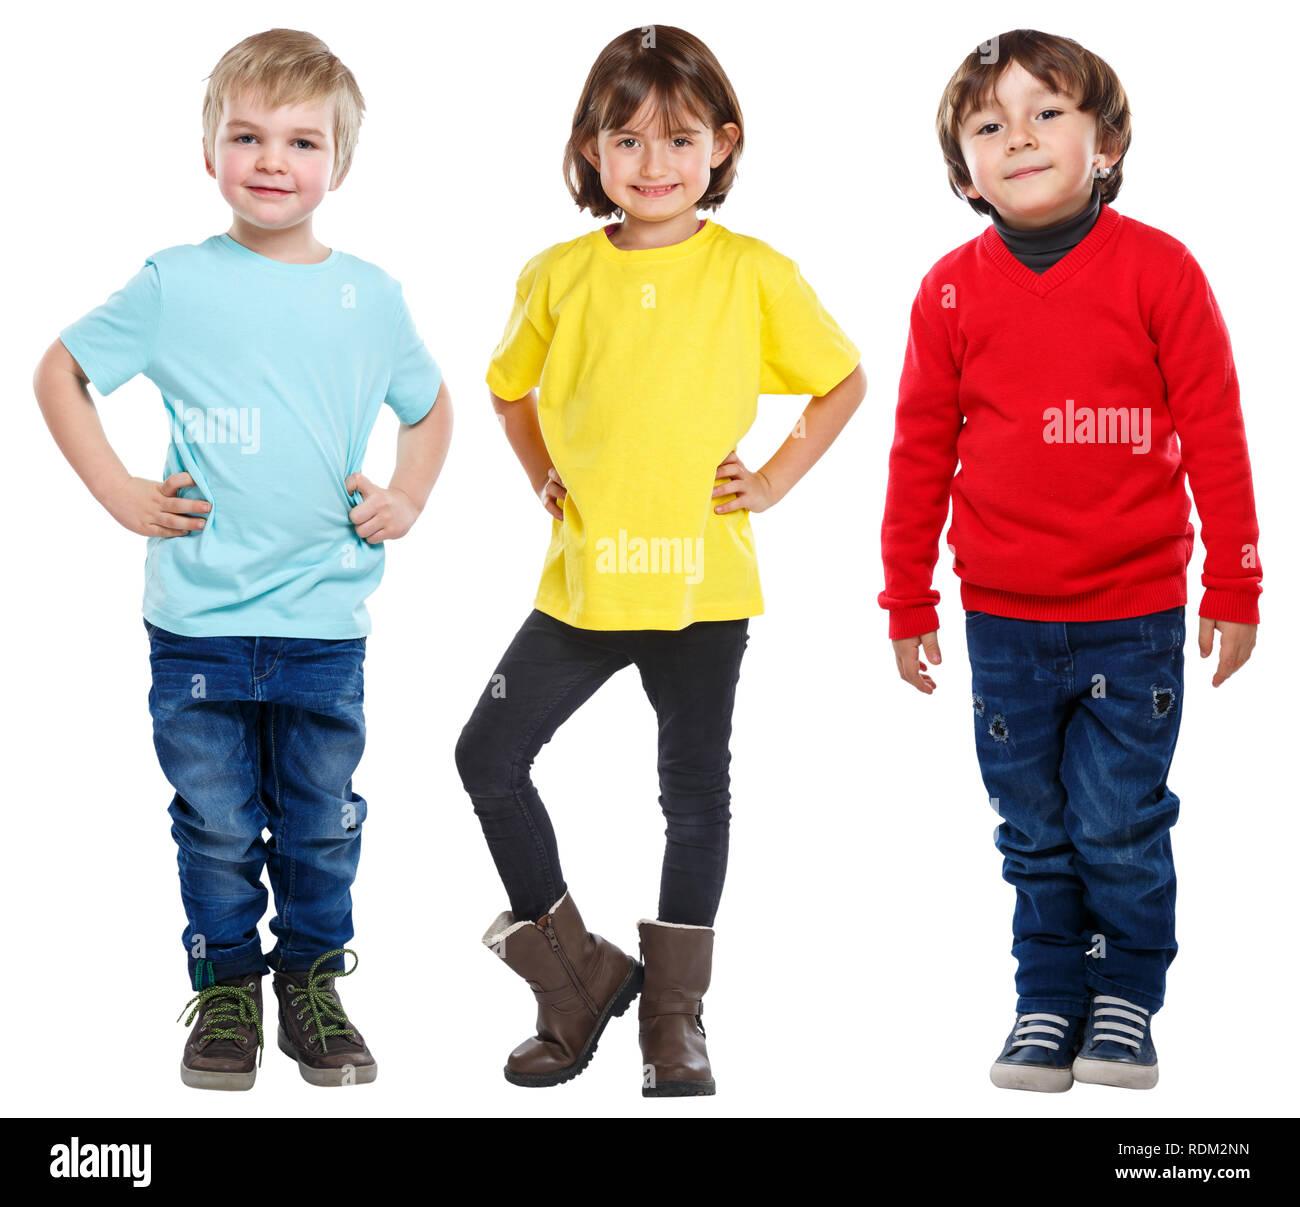 Les enfants Les enfants petits garçons girl portrait complet du corps isolé sur fond blanc Photo Stock